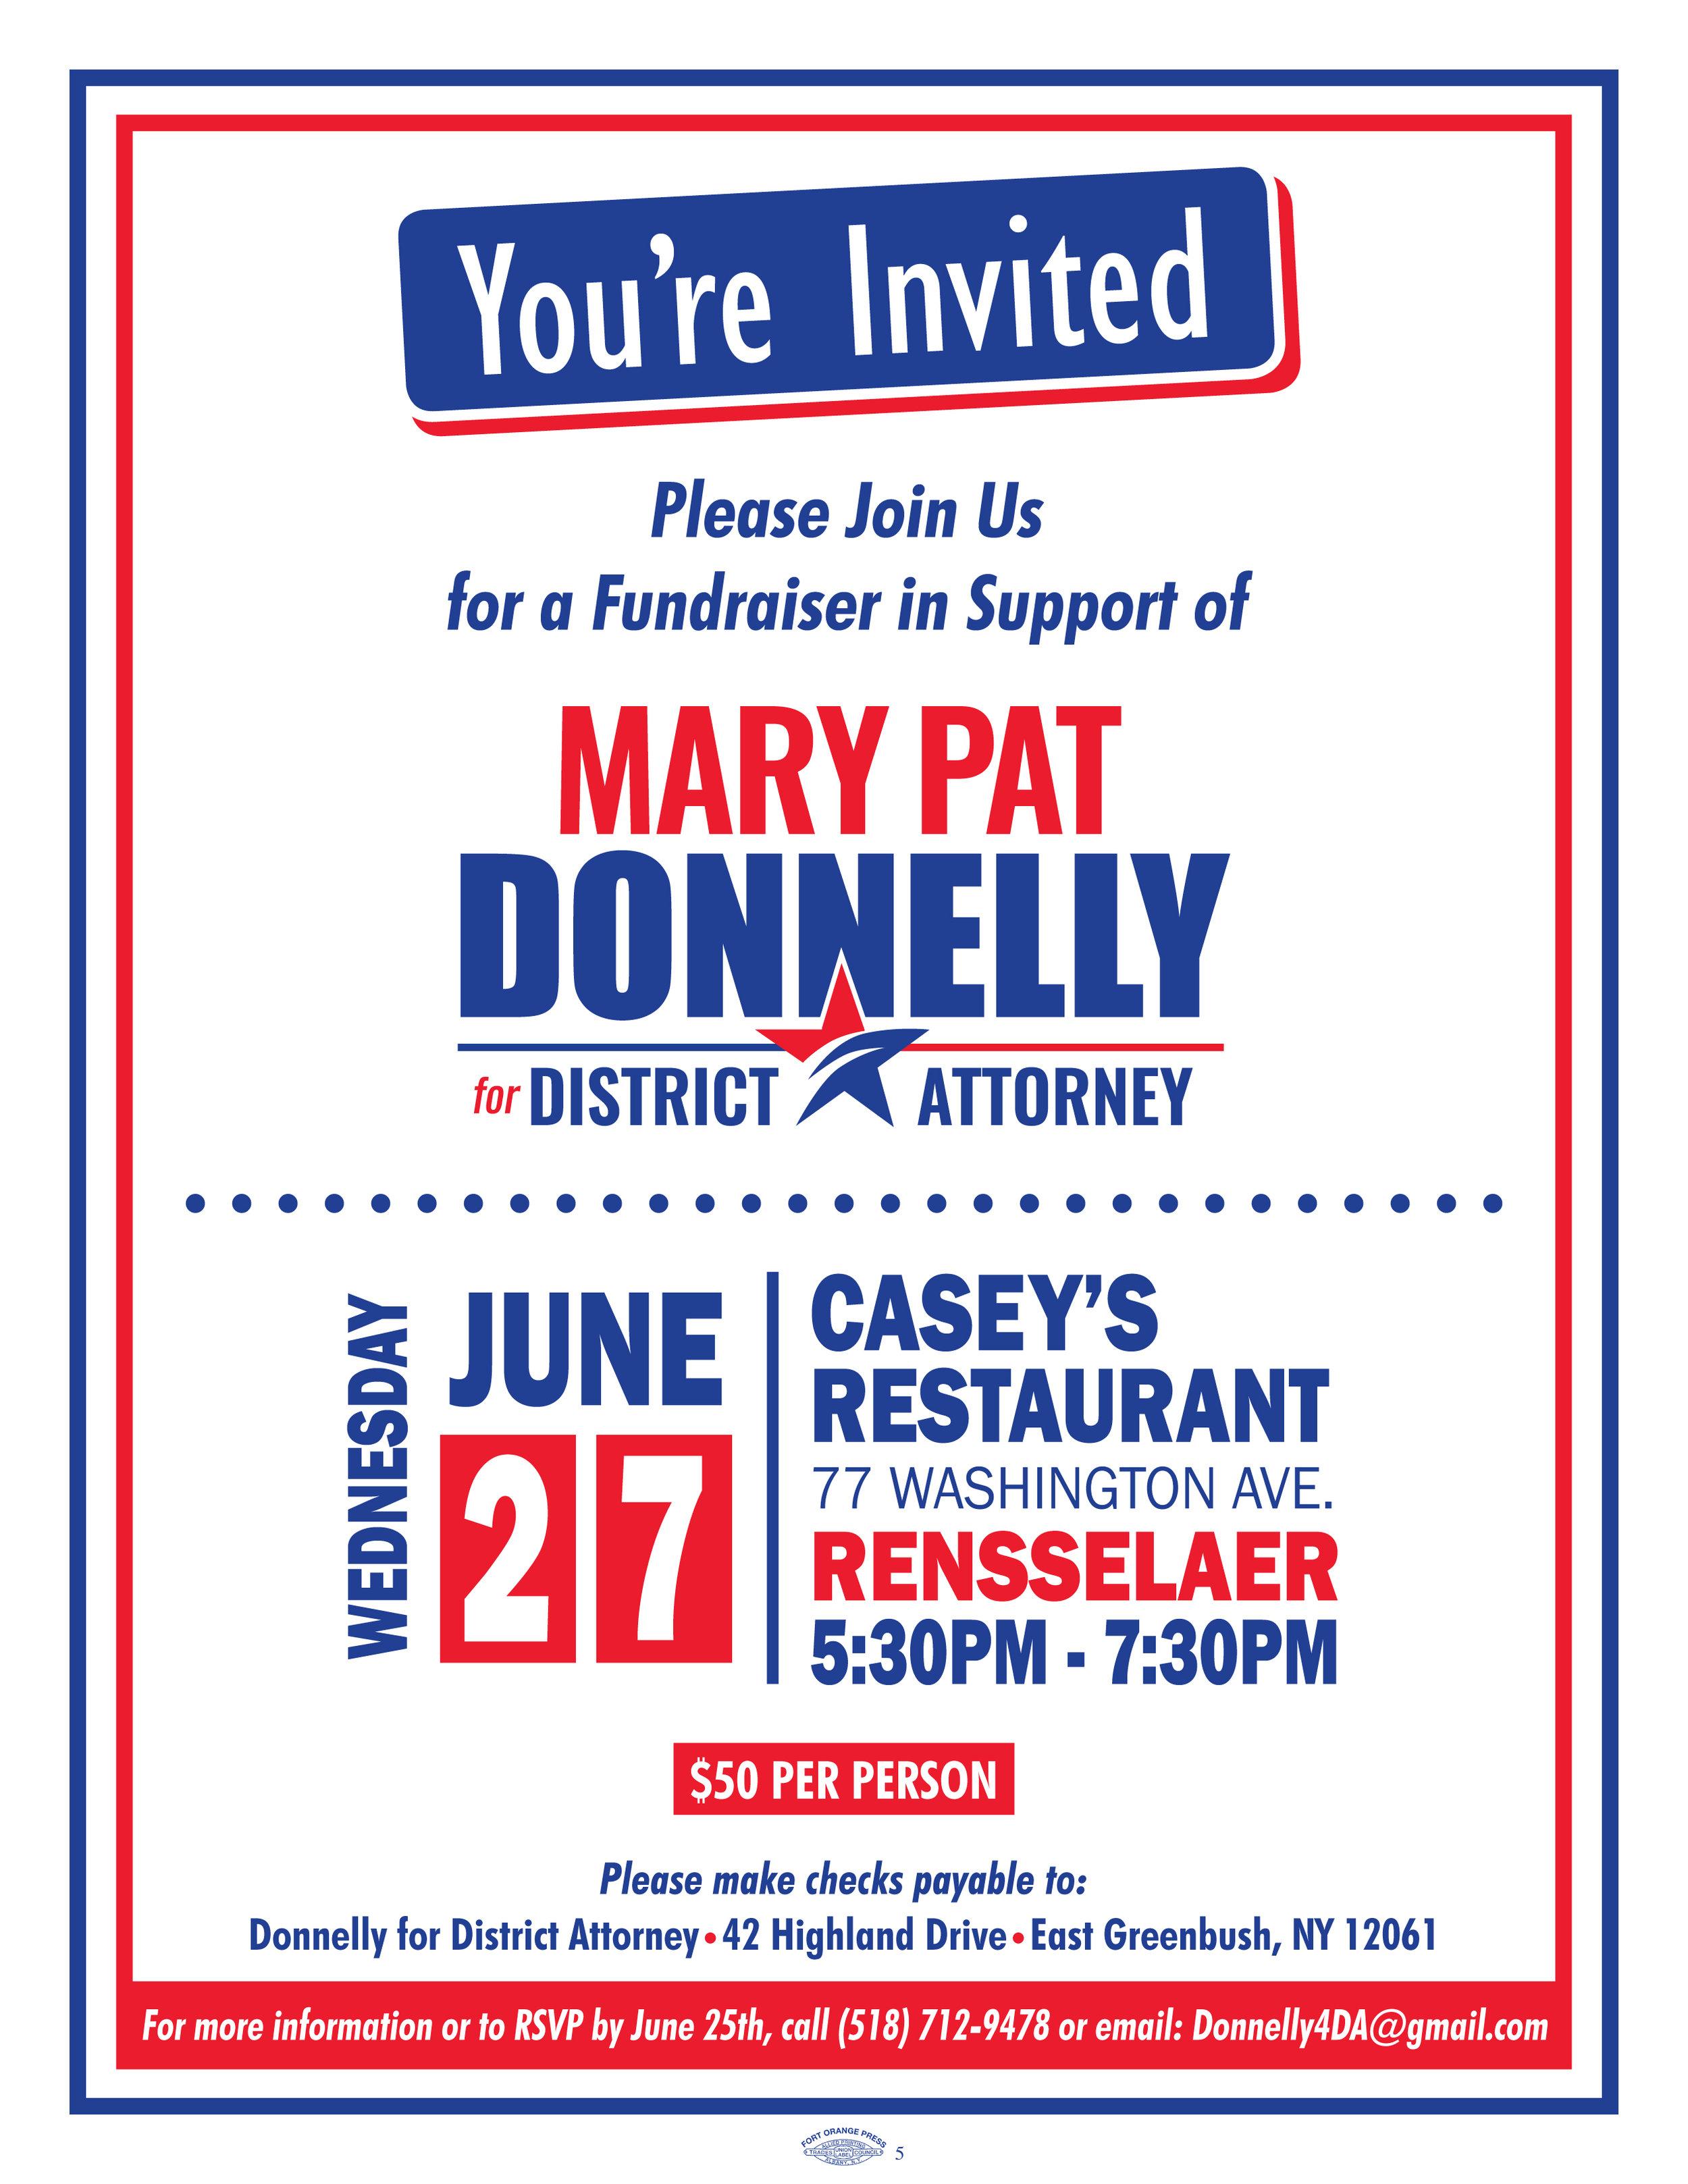 Mary Pat Donnelly for DA June 27 Fundraiser Invite.jpg